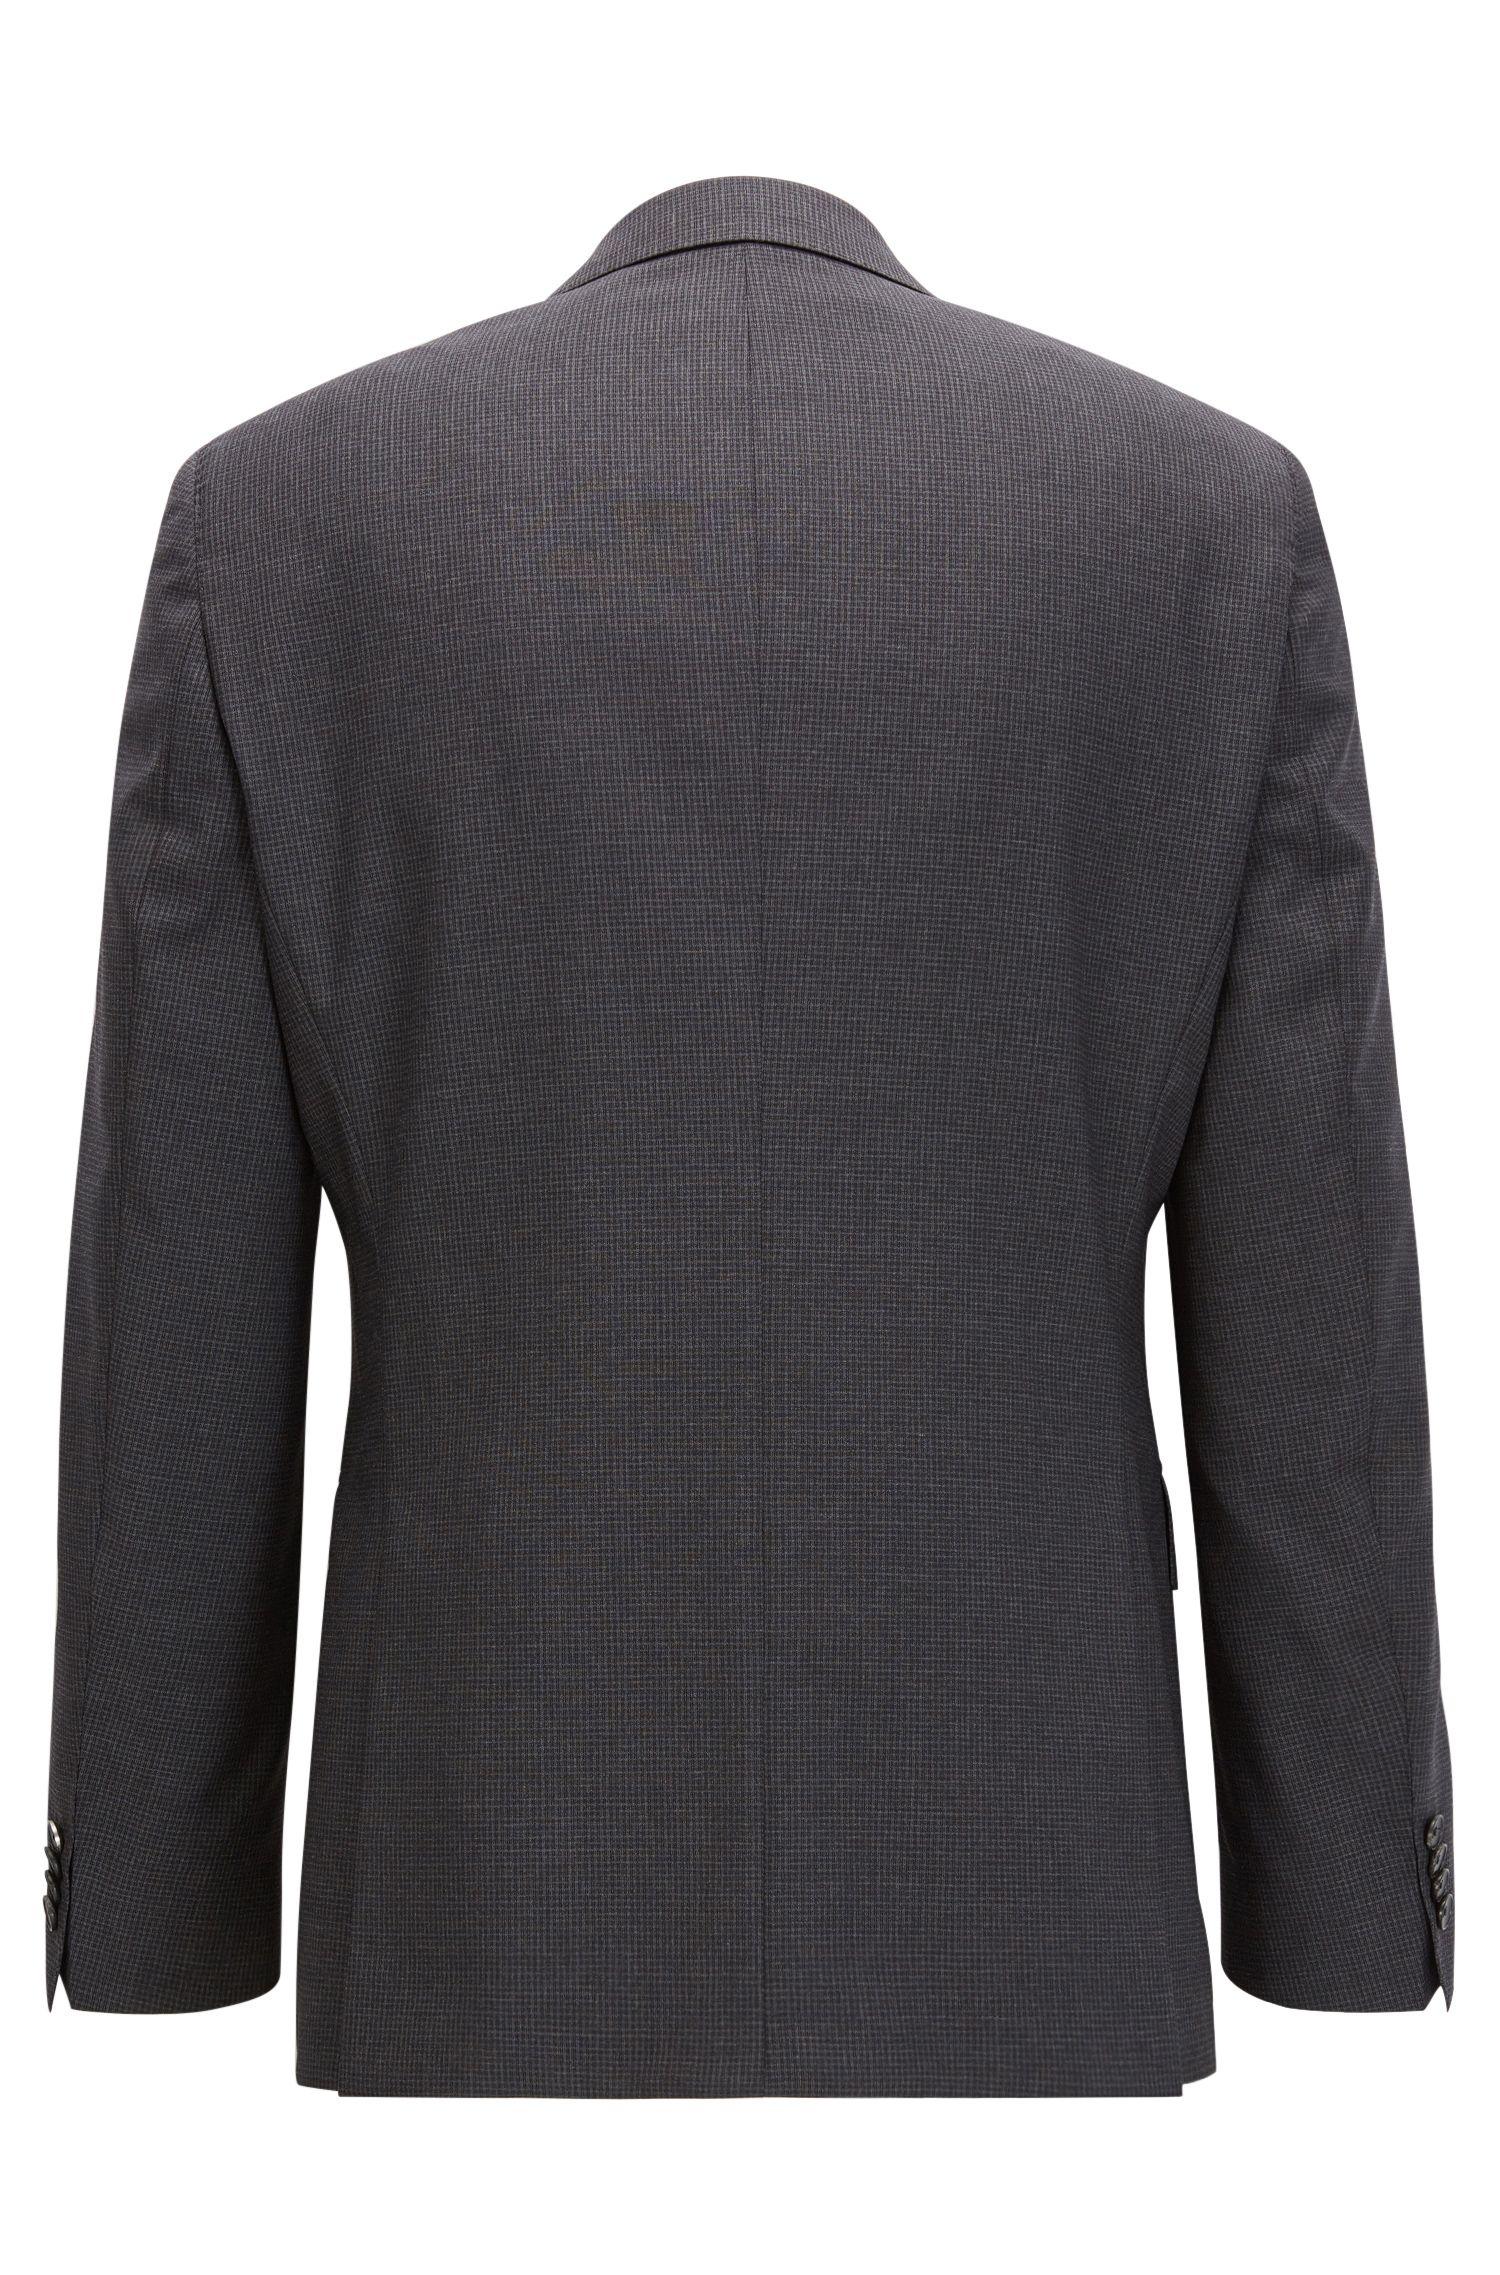 Virgin Wool 3-Piece Suit, Regular Fit | Jerron/Lenon WE, Open Grey